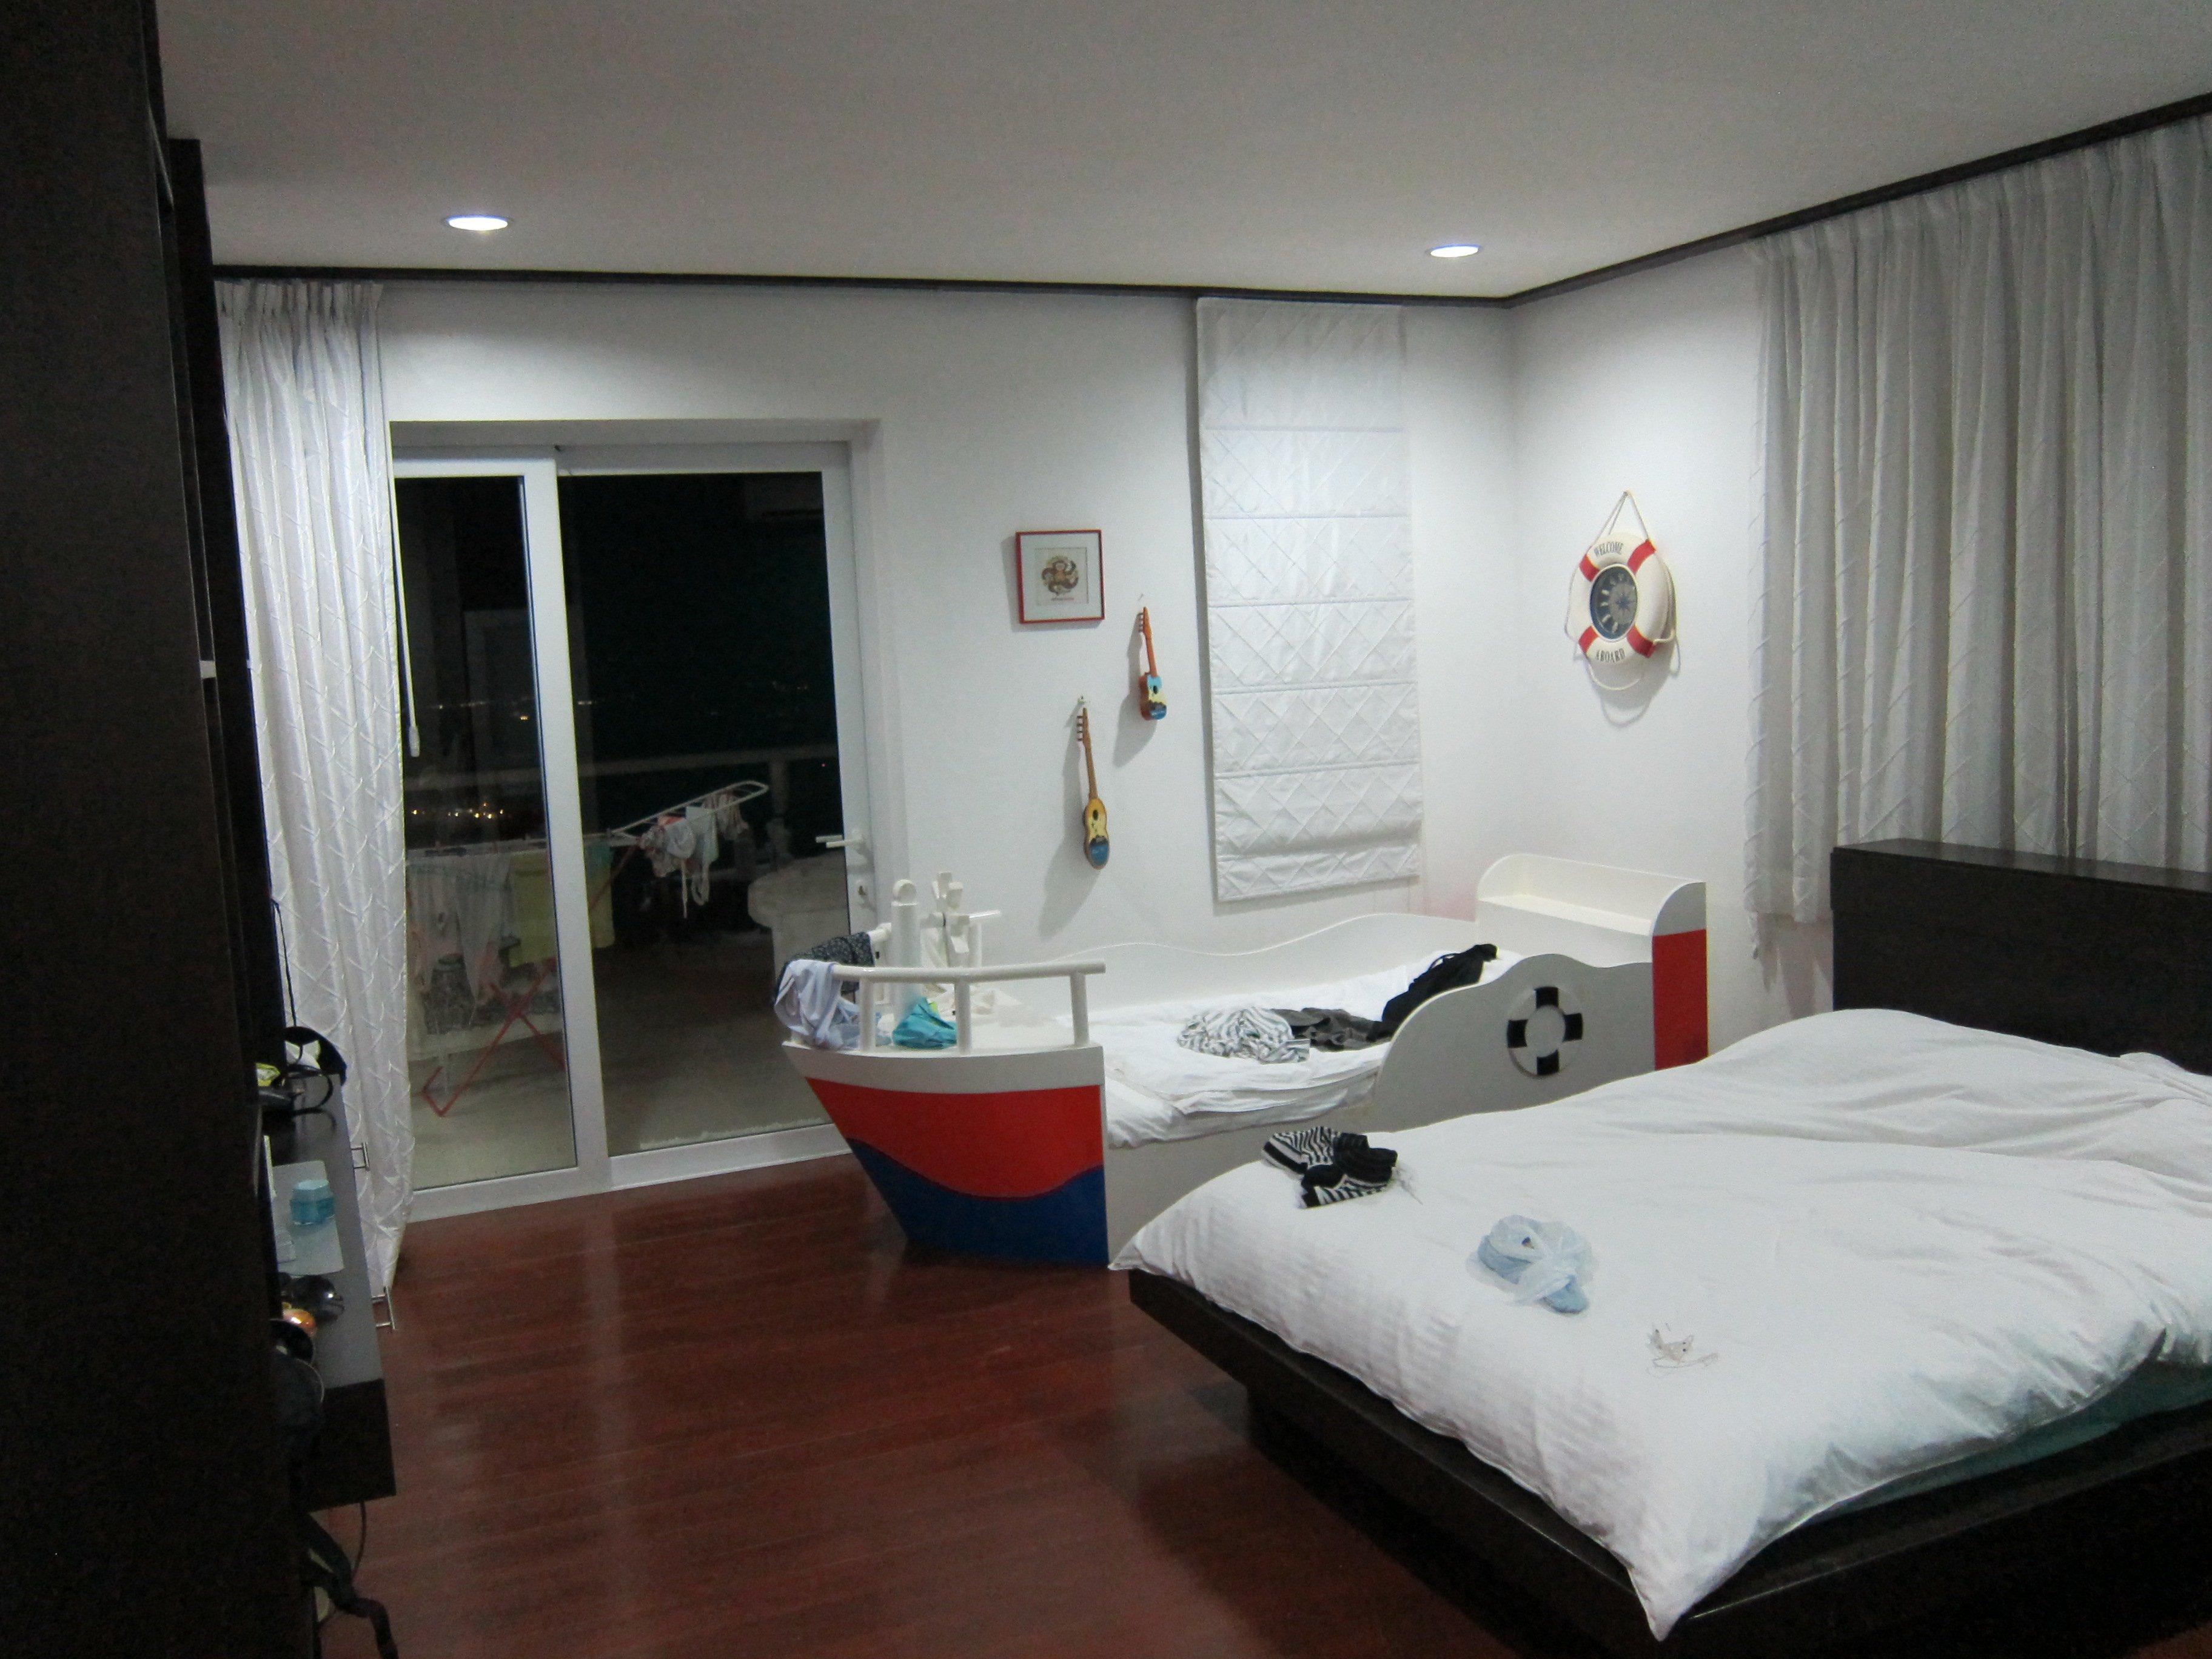 第二間房也有落地窗通往露台。